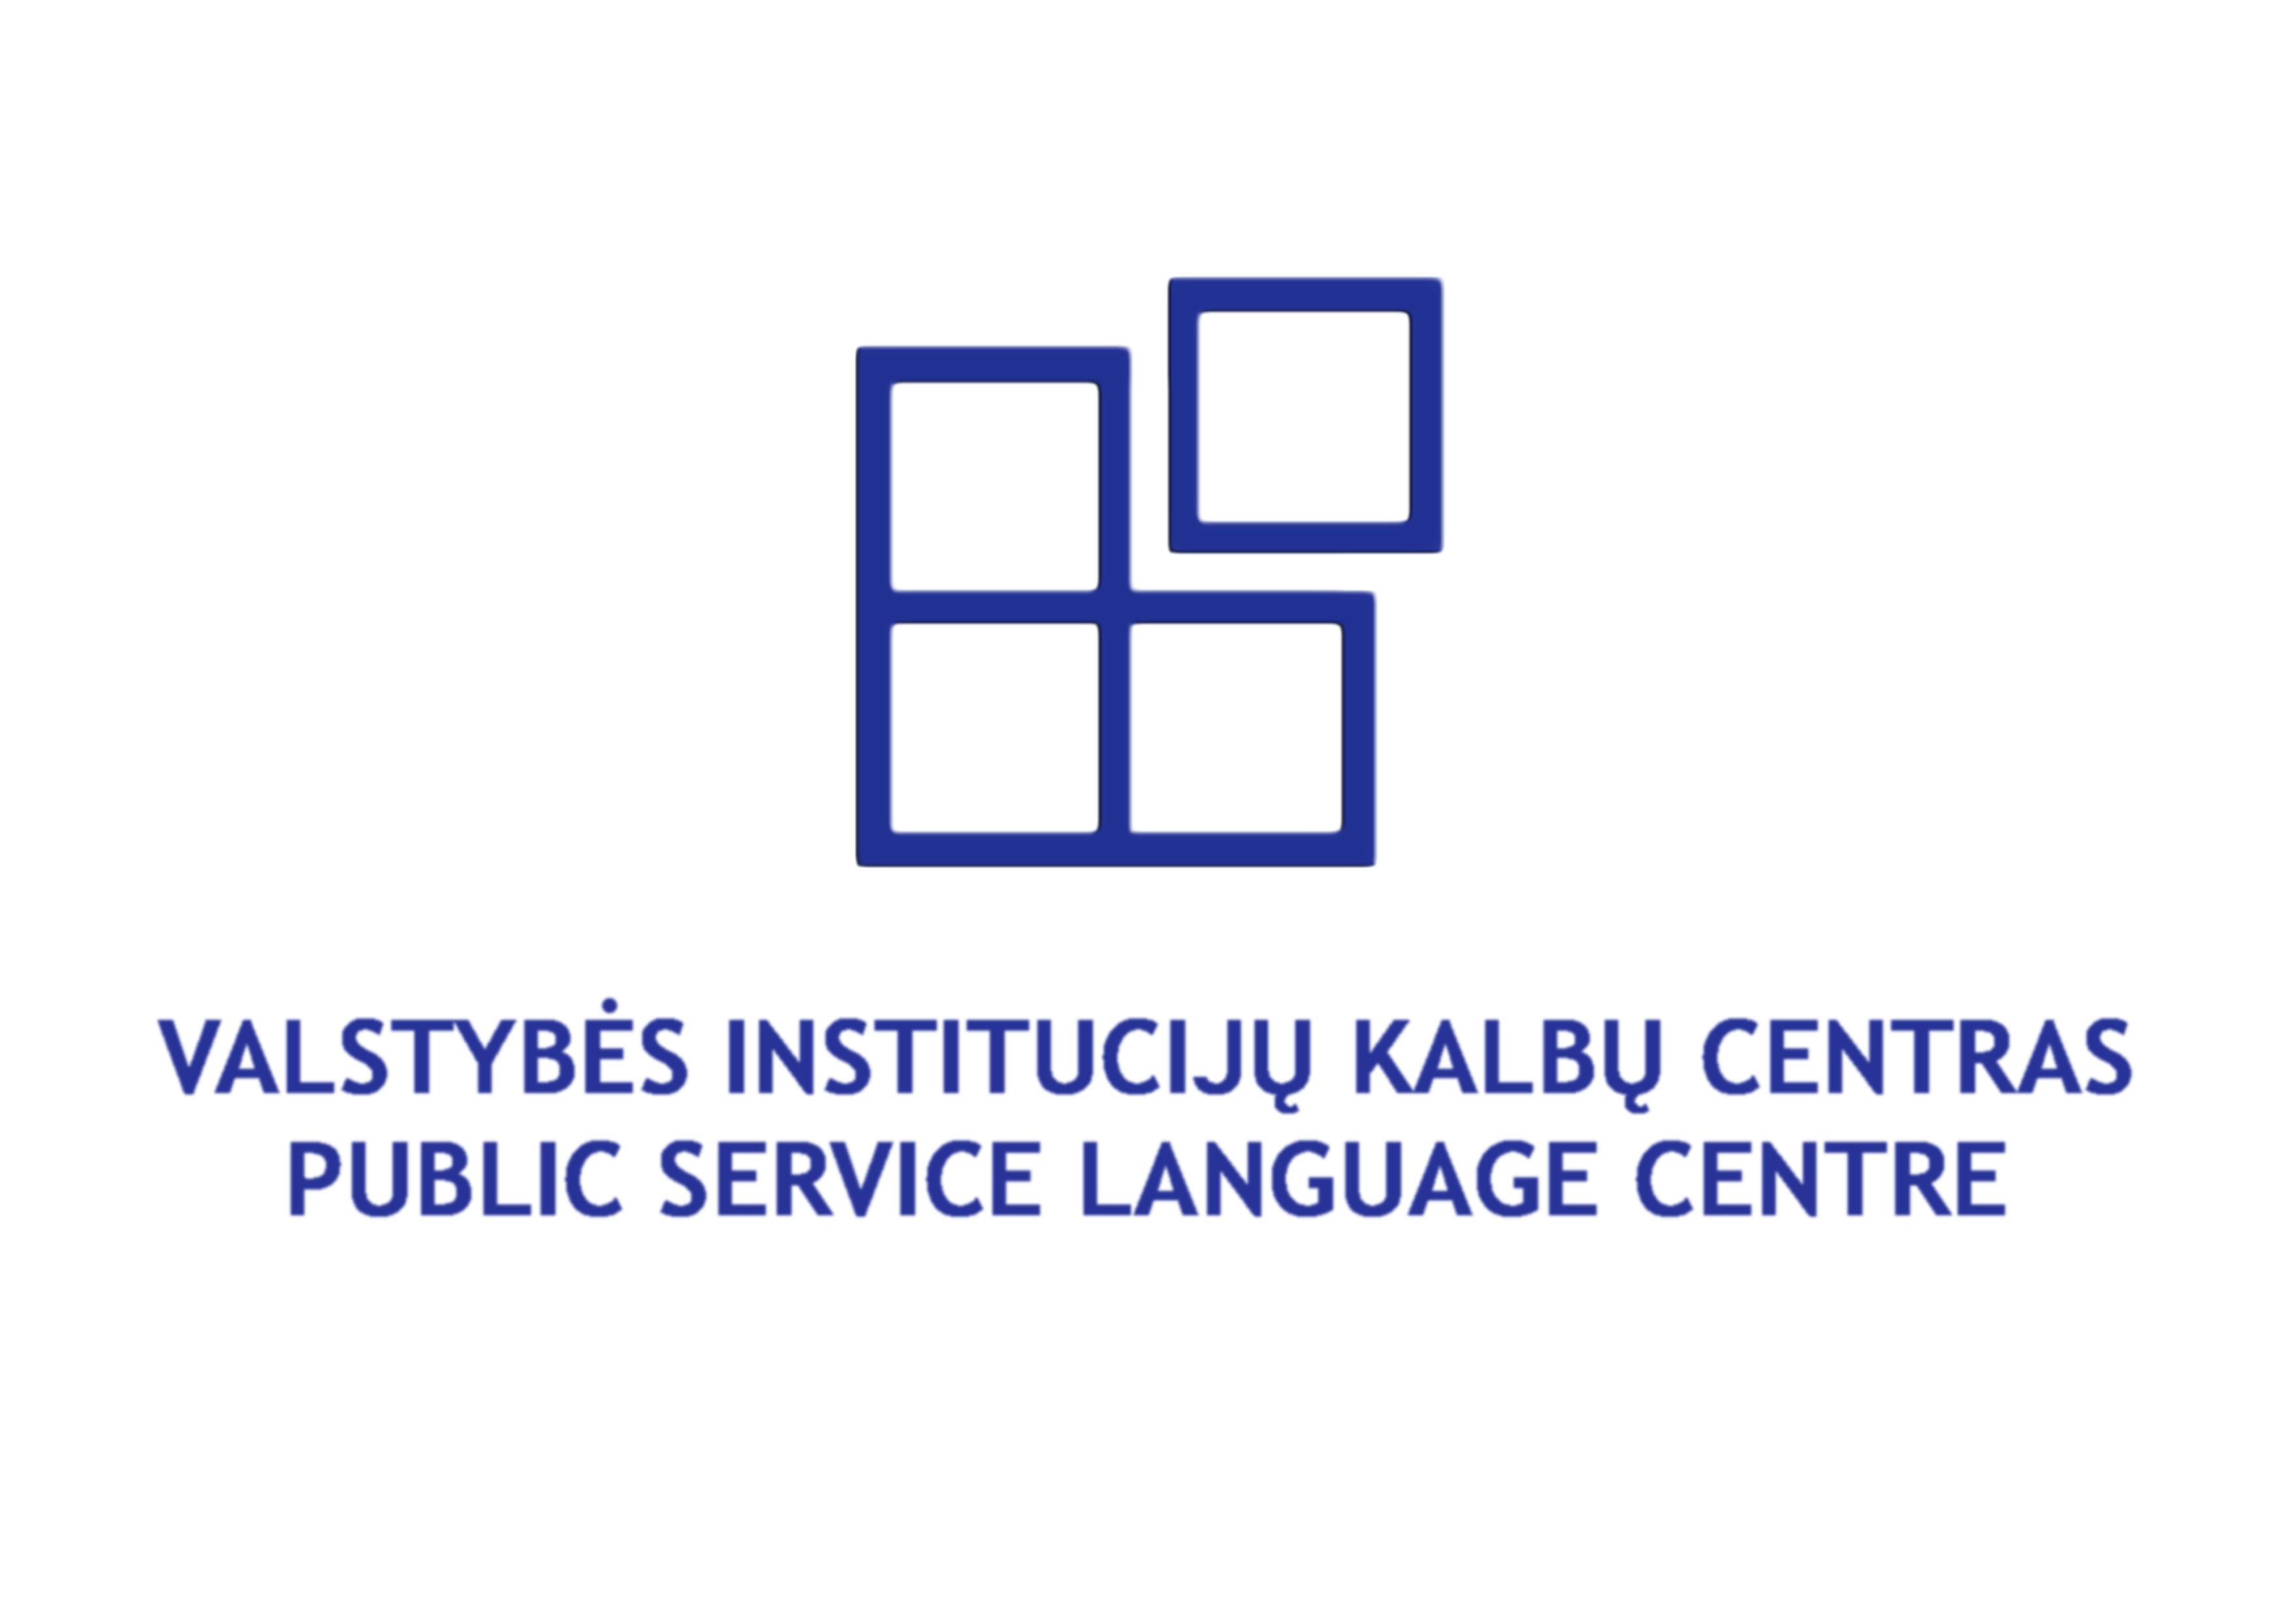 Valstybės institucijų kalbų centras